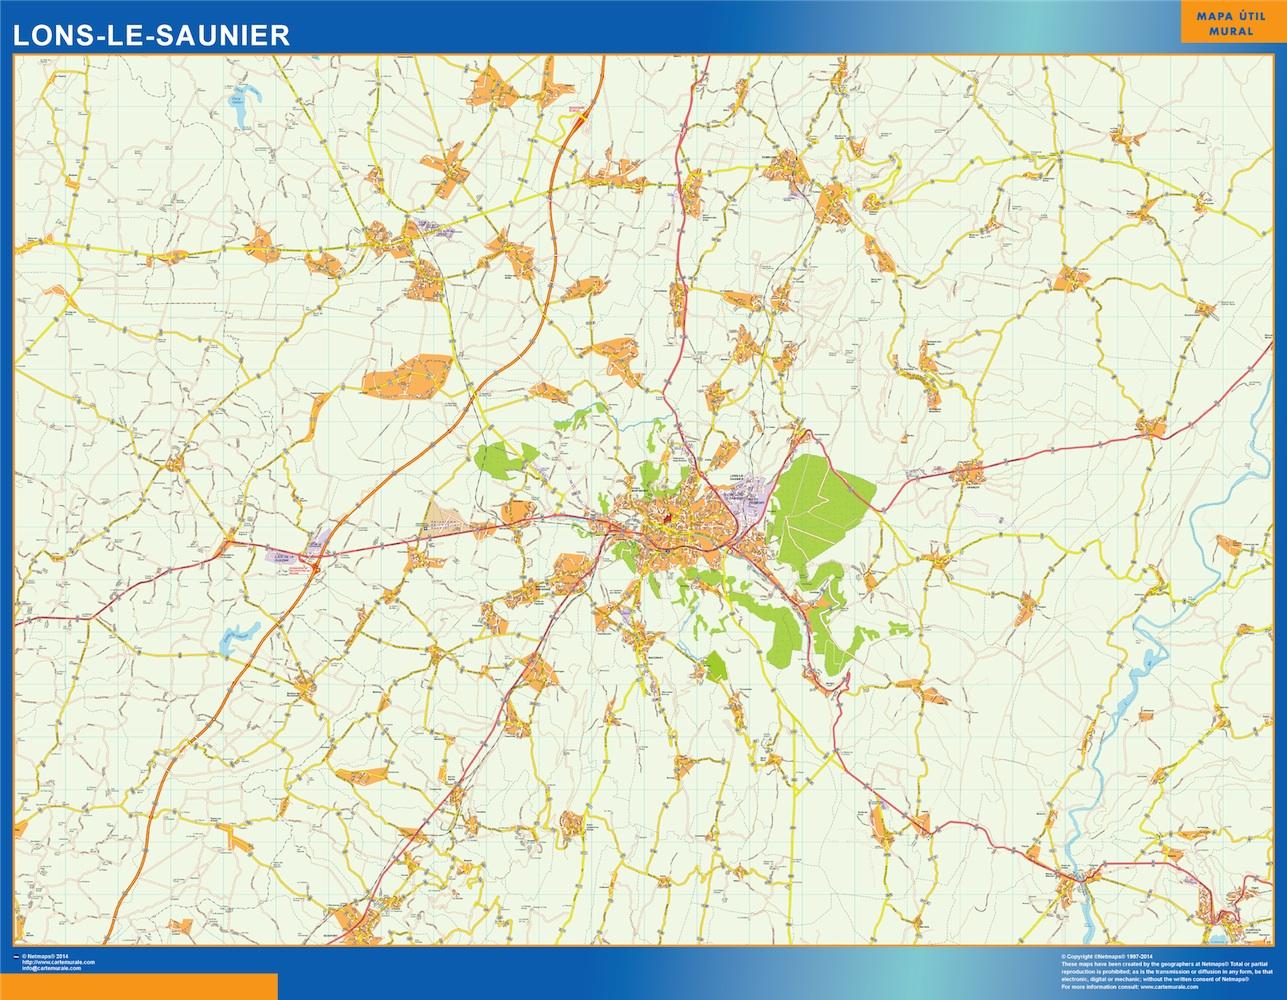 Mapa Lons Le Saunier en Francia plastificado gigante